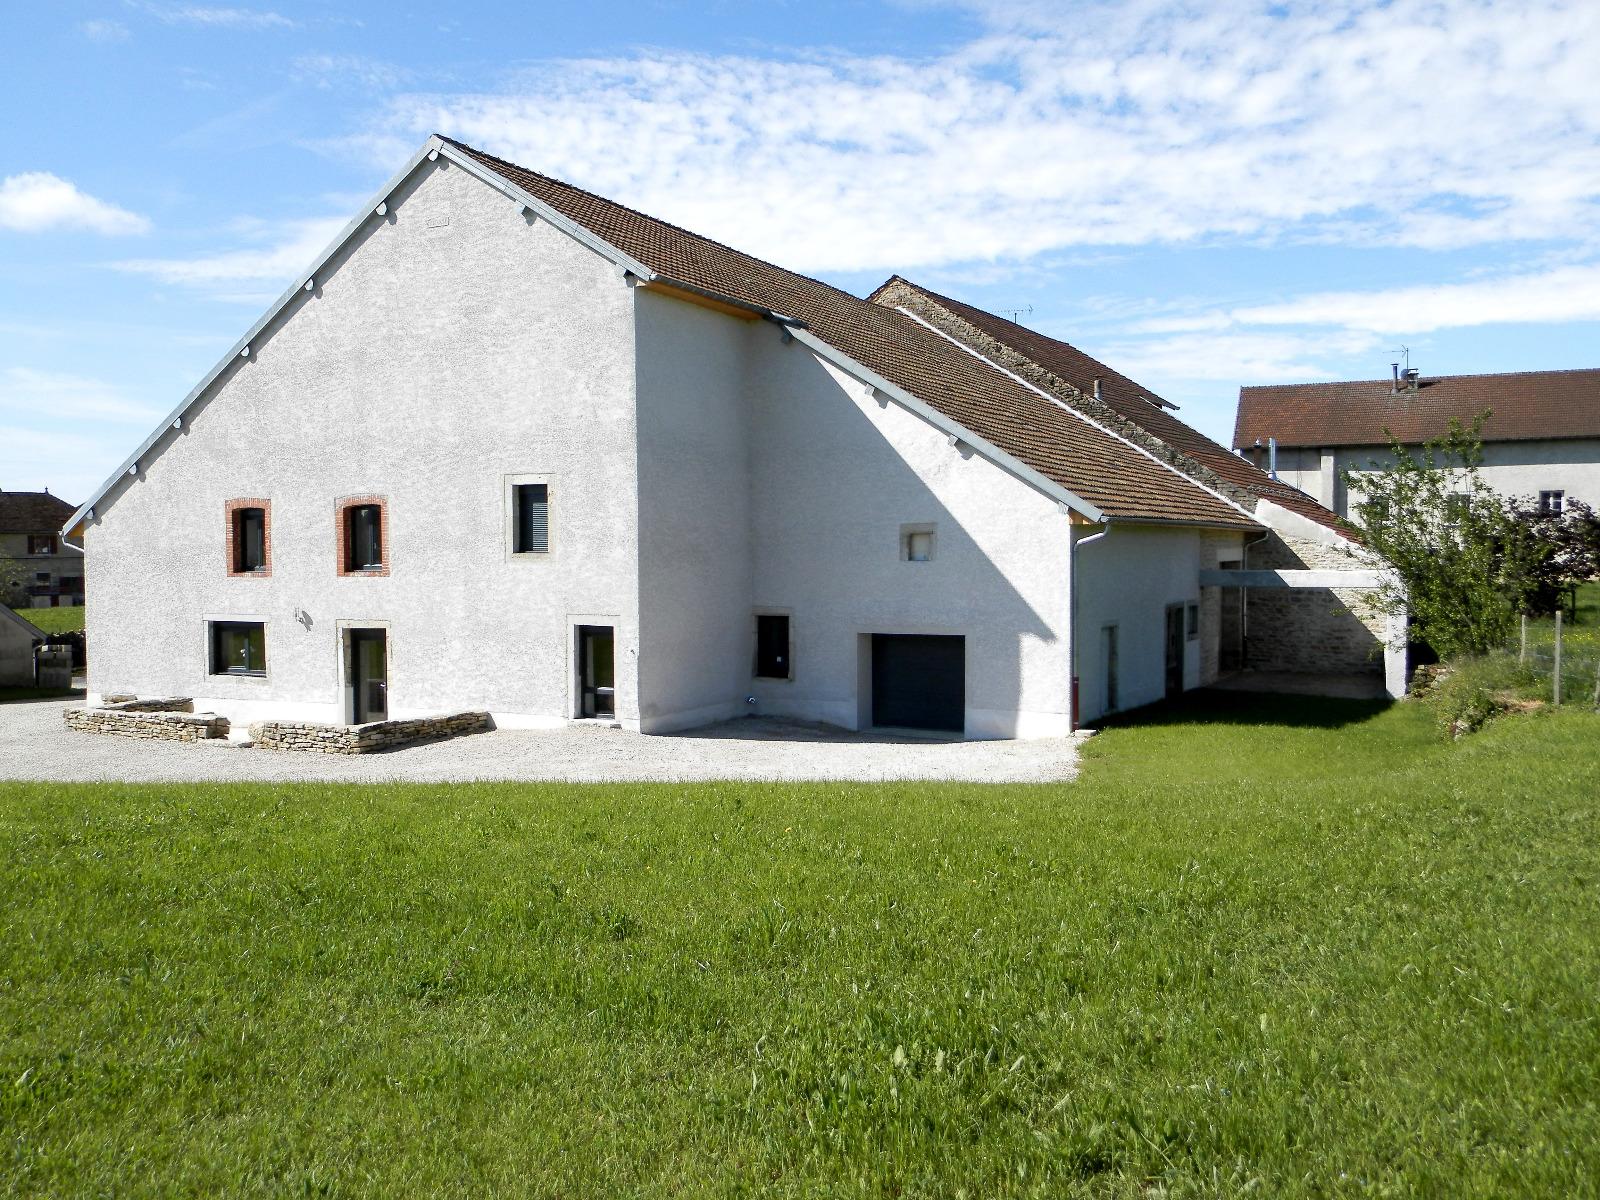 Vente poligny 39 maison en pierre de 220 m sur for Agrandissement maison sur terrain non constructible